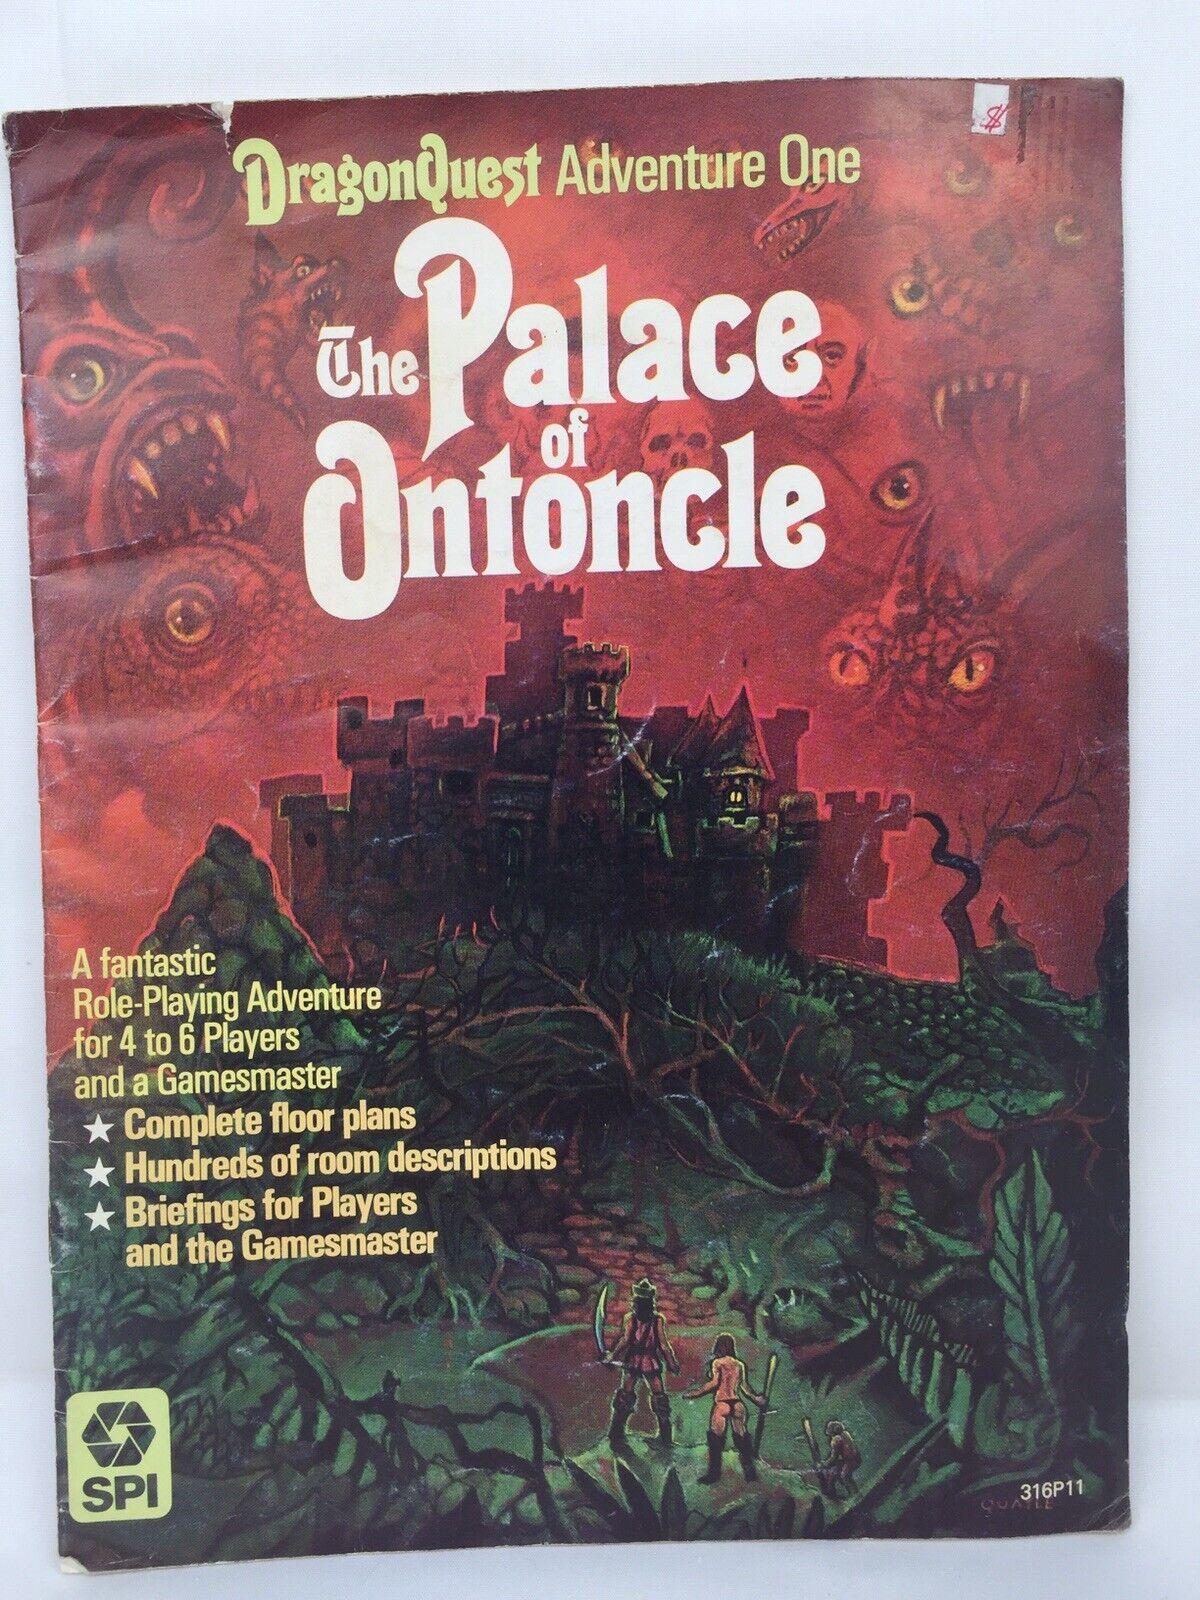 Venta en línea de descuento de fábrica SPI DragonQuest Adventure  1 - el Palacio de de de ontoncle 1980  Venta al por mayor barato y de alta calidad.